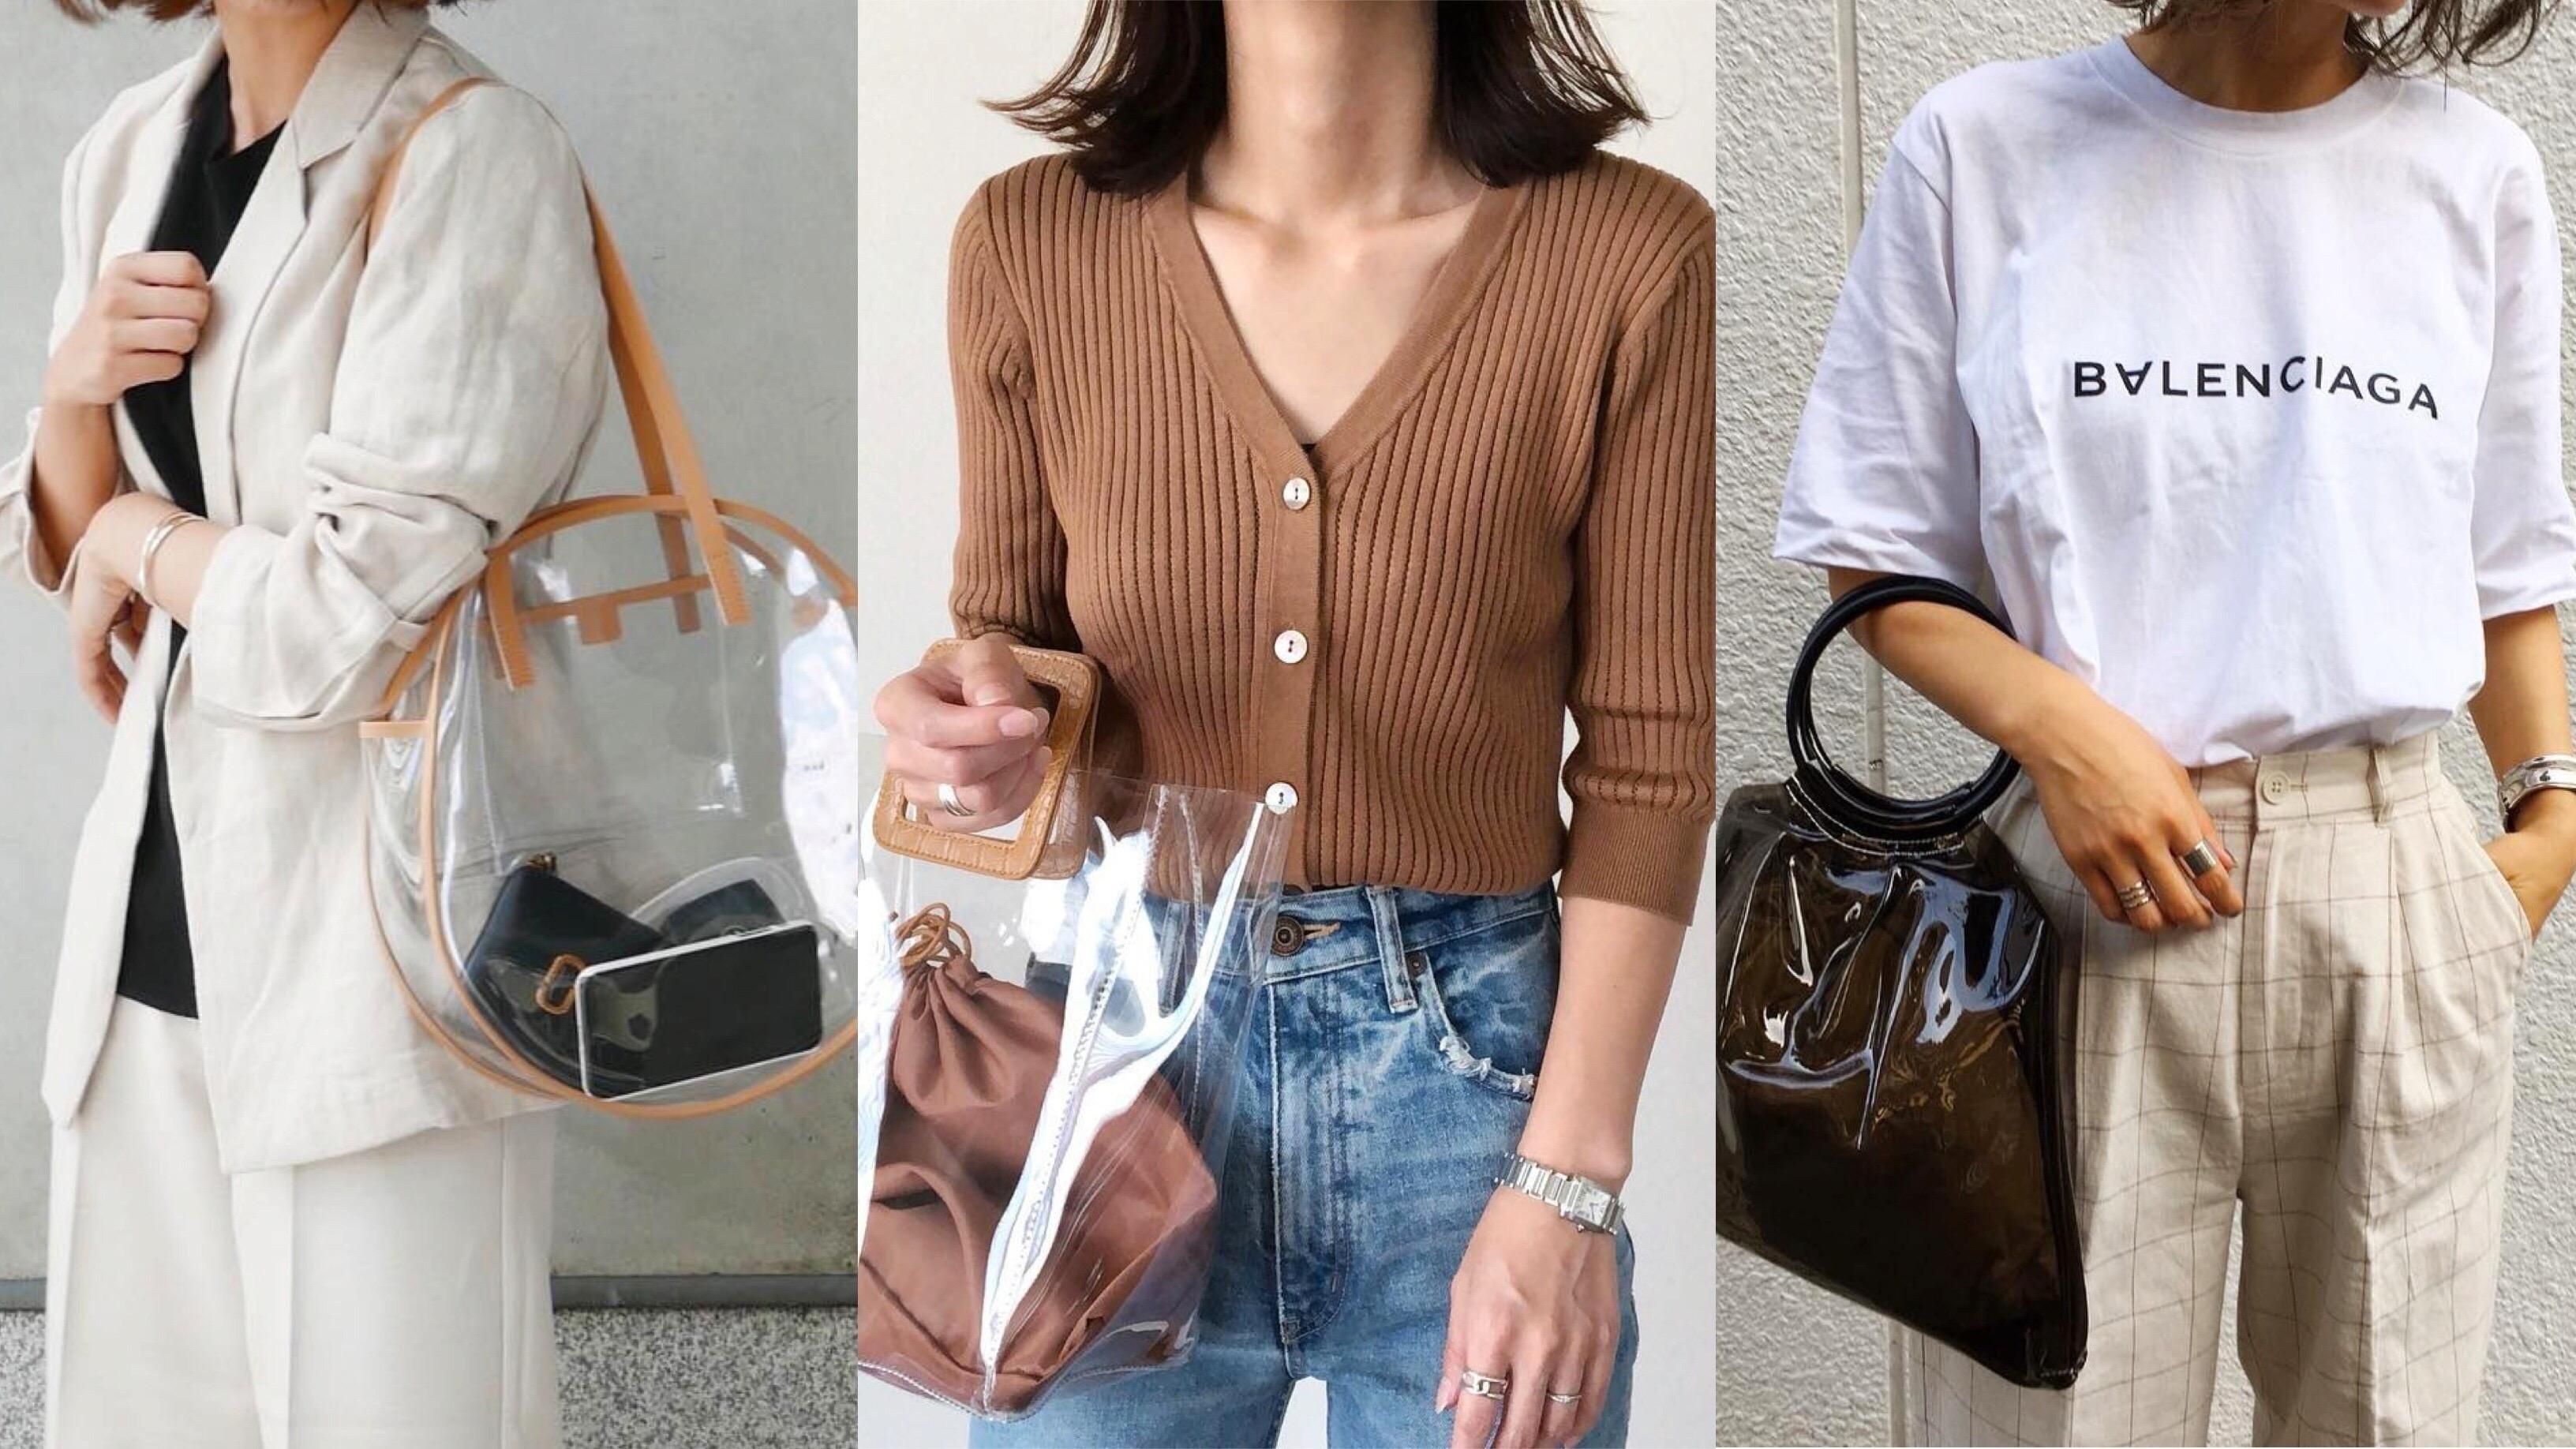 【MINES】クリアバッグ、1つは欲しい!迷える大人女子におすすめの3タイプ